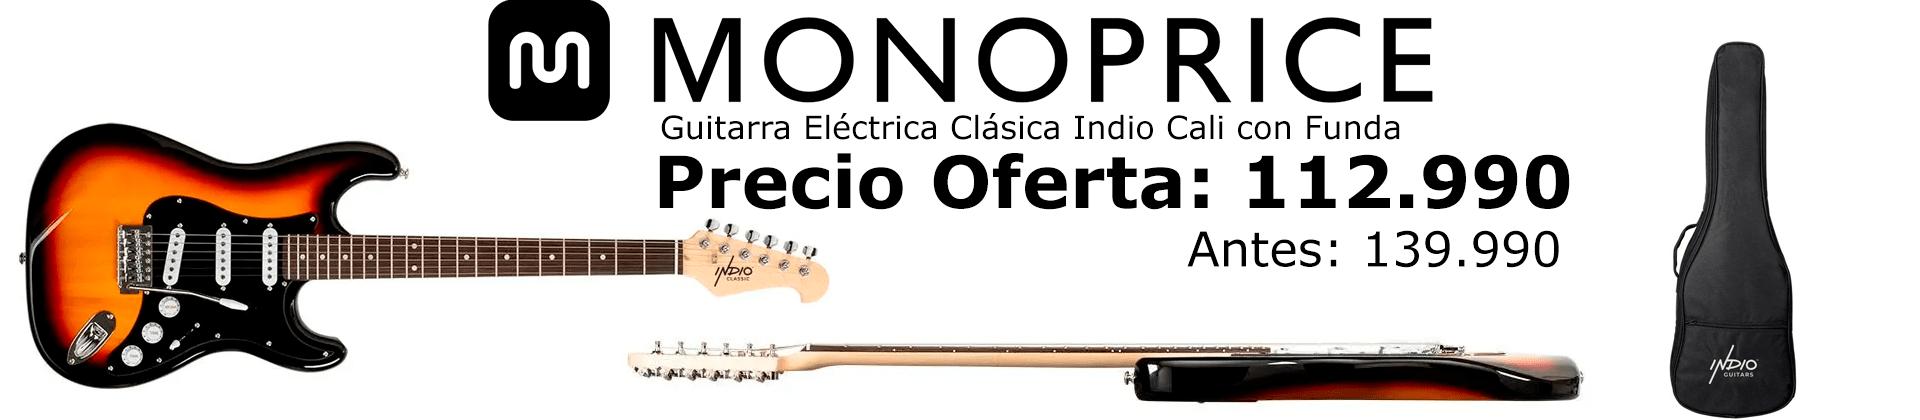 banner guitarra indio